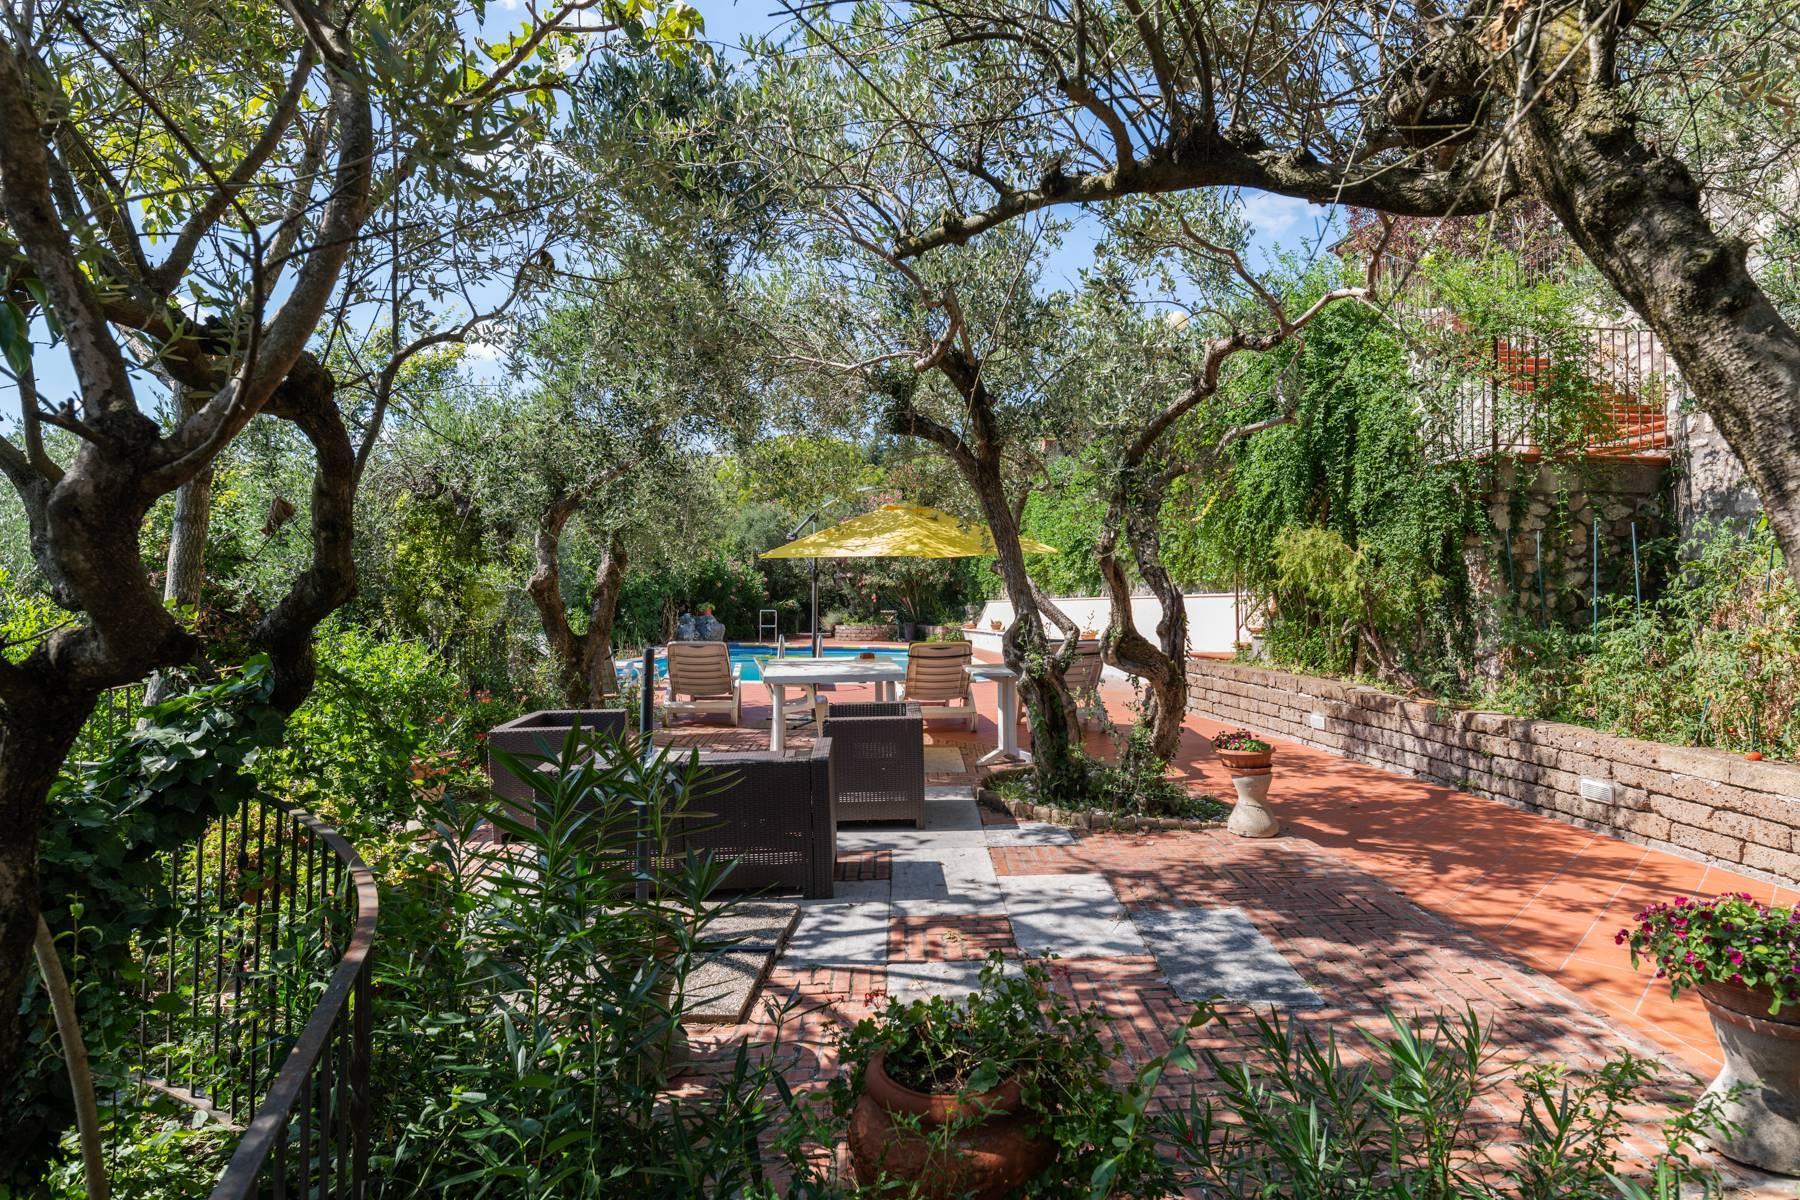 Storica villa di campagna con piscina e campo da tennis con tenuta nelle colline veronesi - 9